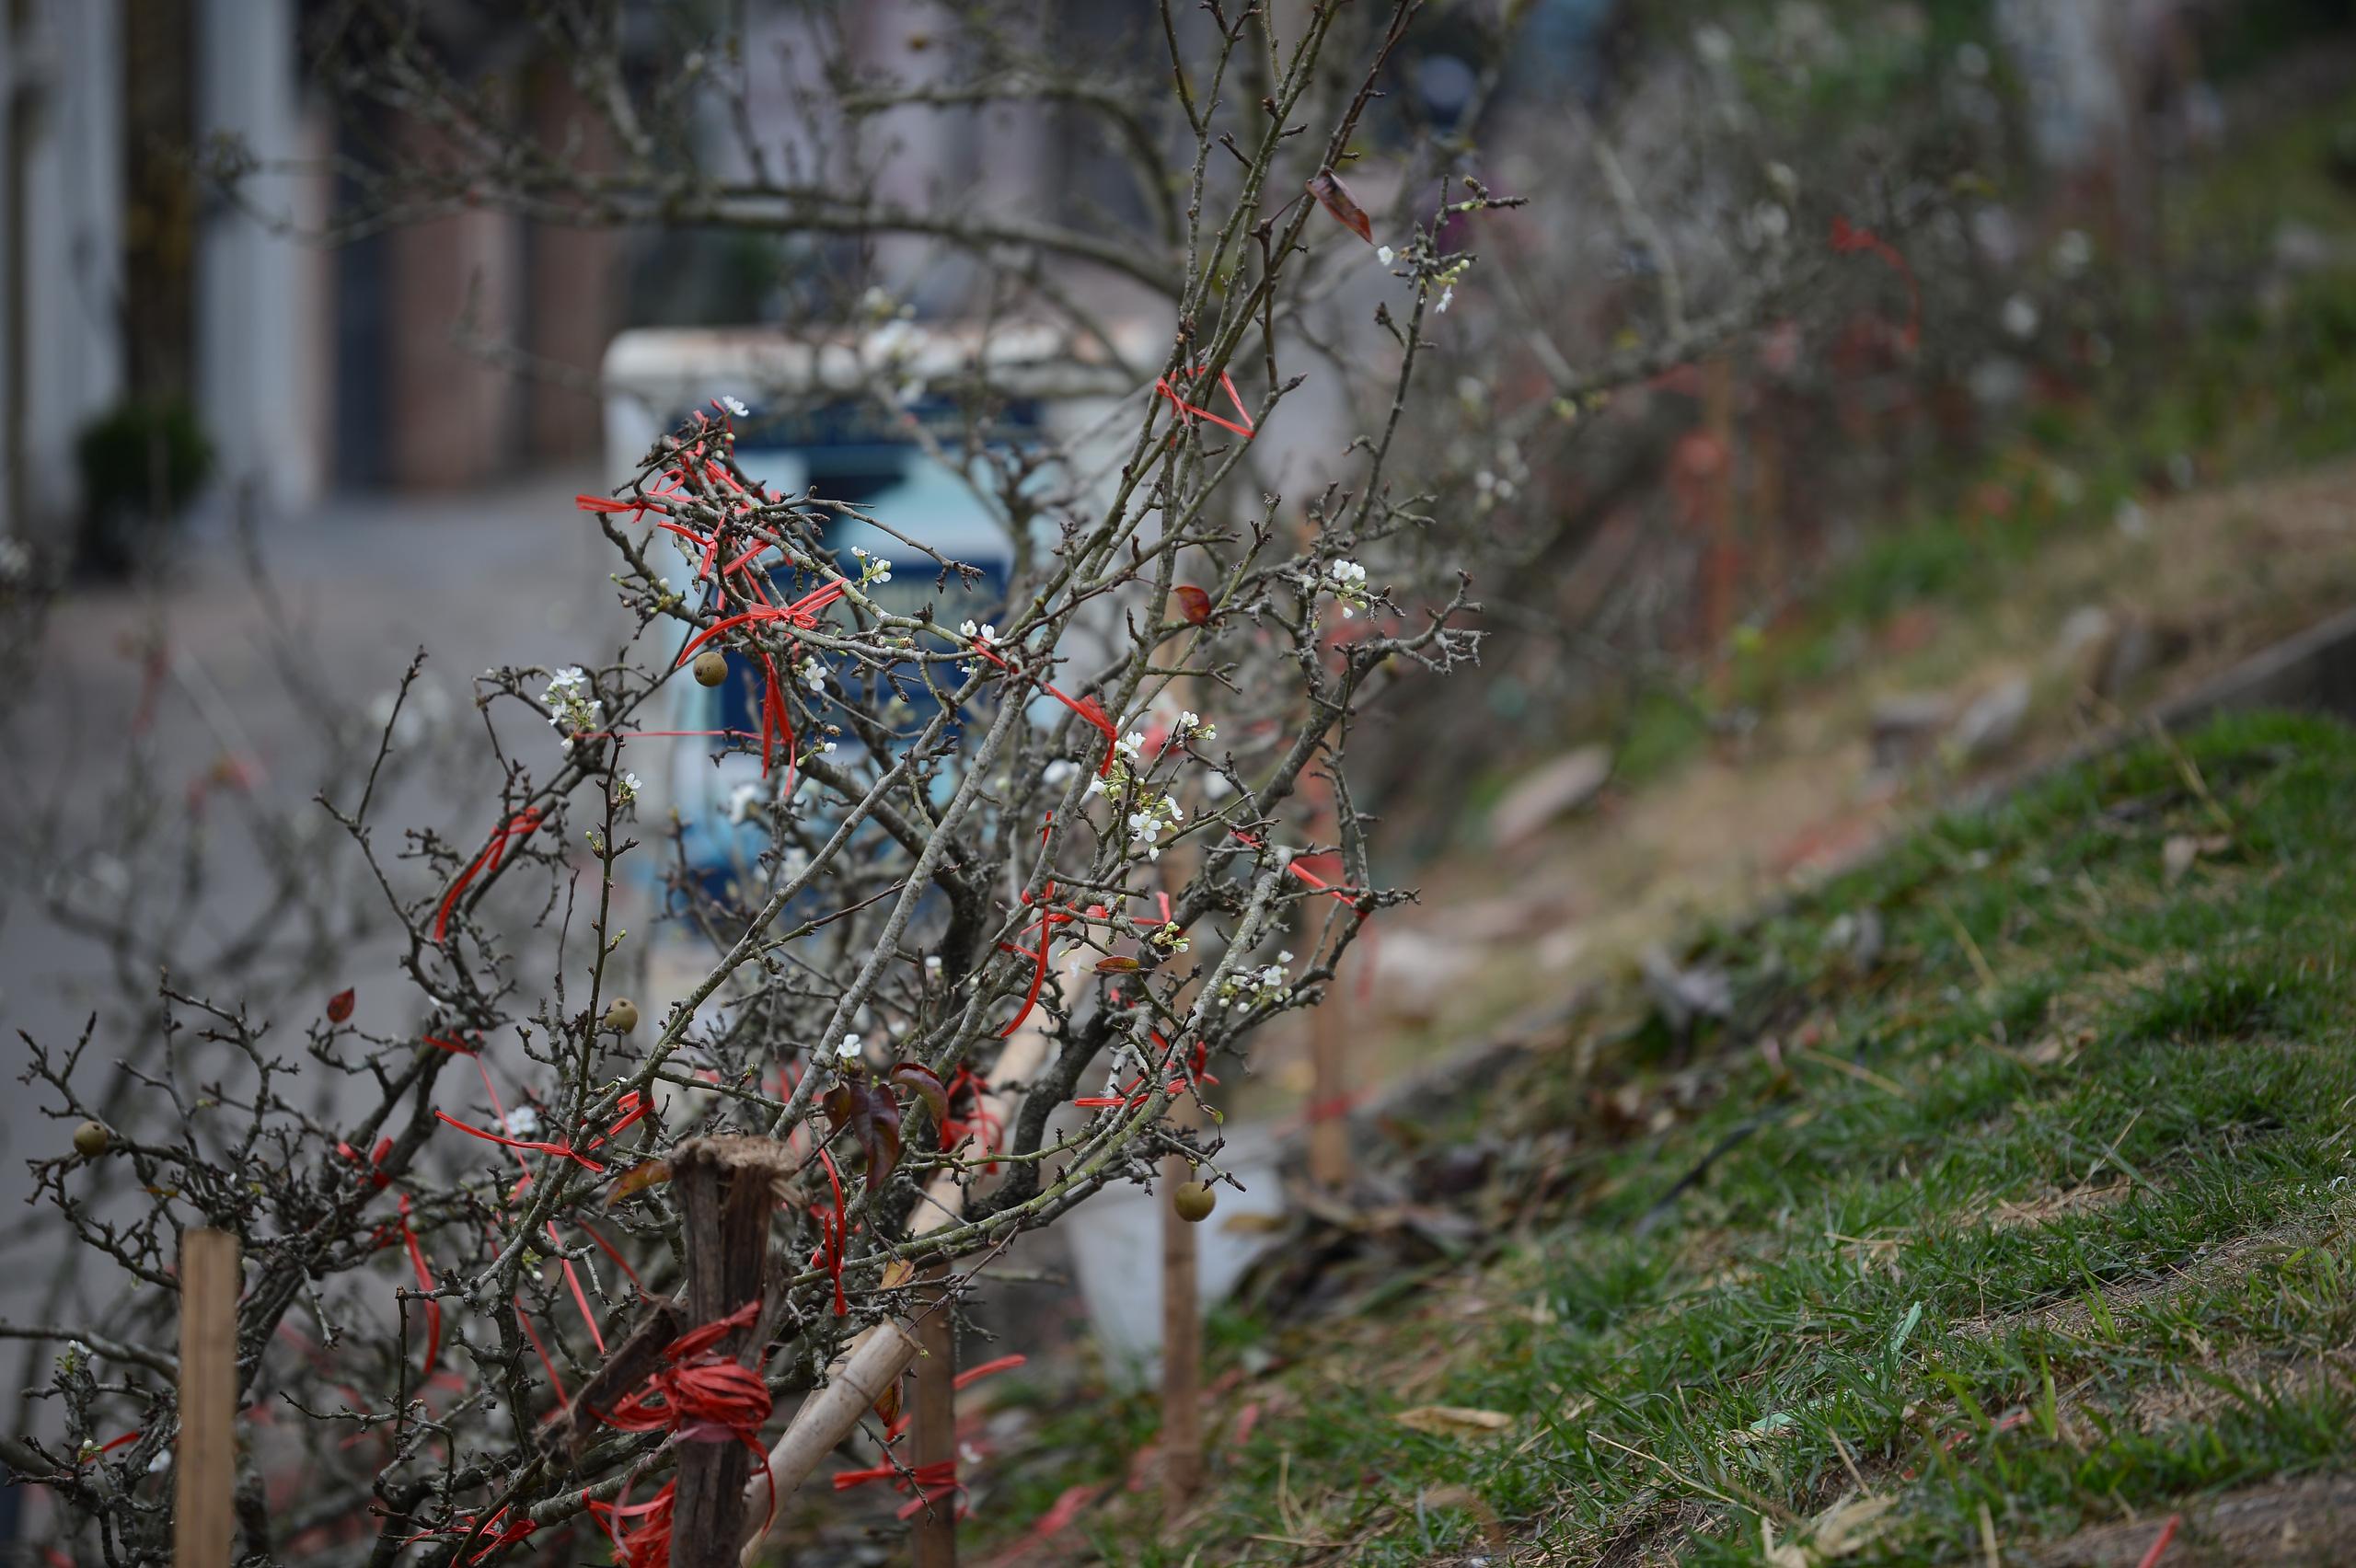 Hoa lê rừng xuống phố ngày đầu năm mới khiến người Hà Nội mê mẩn - 7